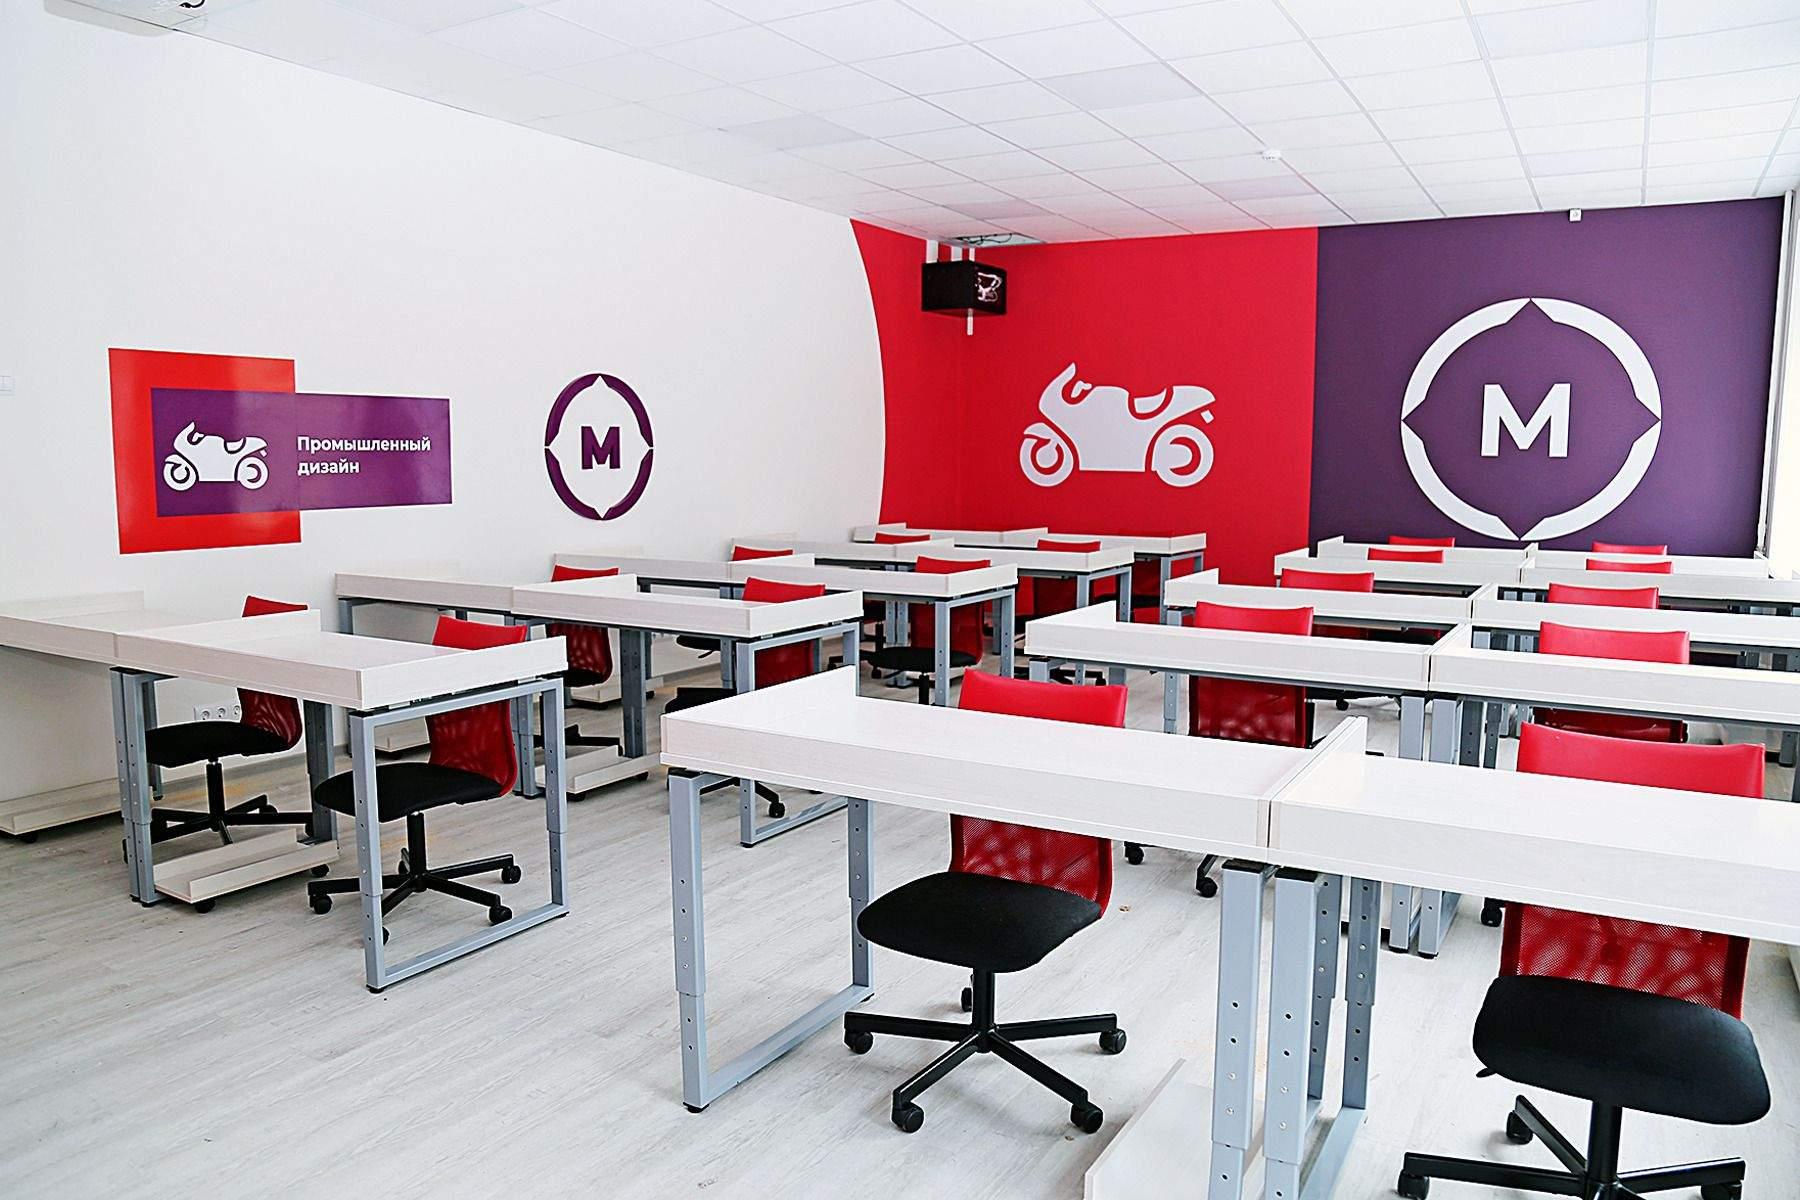 Пять мастерских, оборудованных по стандартам Ворлдскиллс, готовы к открытию во ВГУЭС